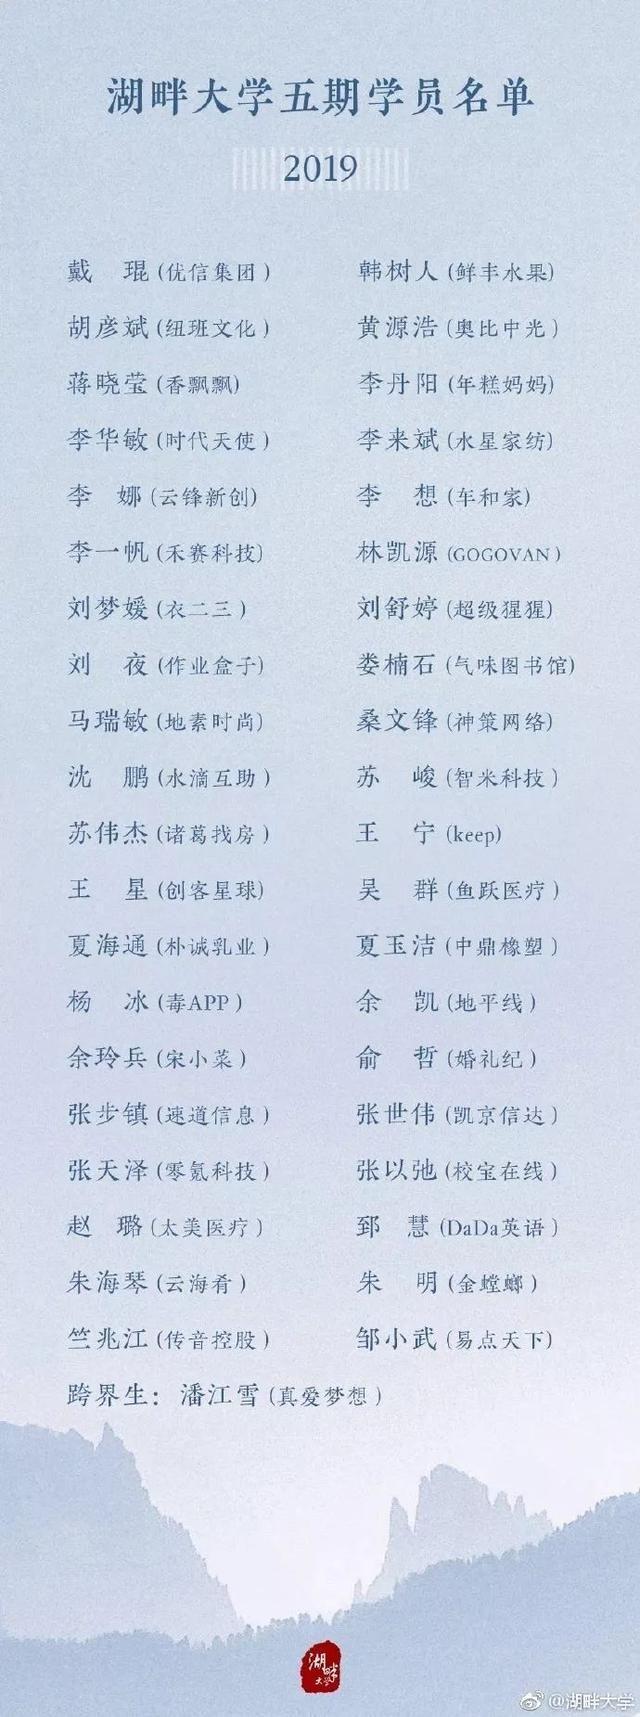 马云的湖畔大学公布新生名单,录取率仅2.93%,胡彦斌被录取